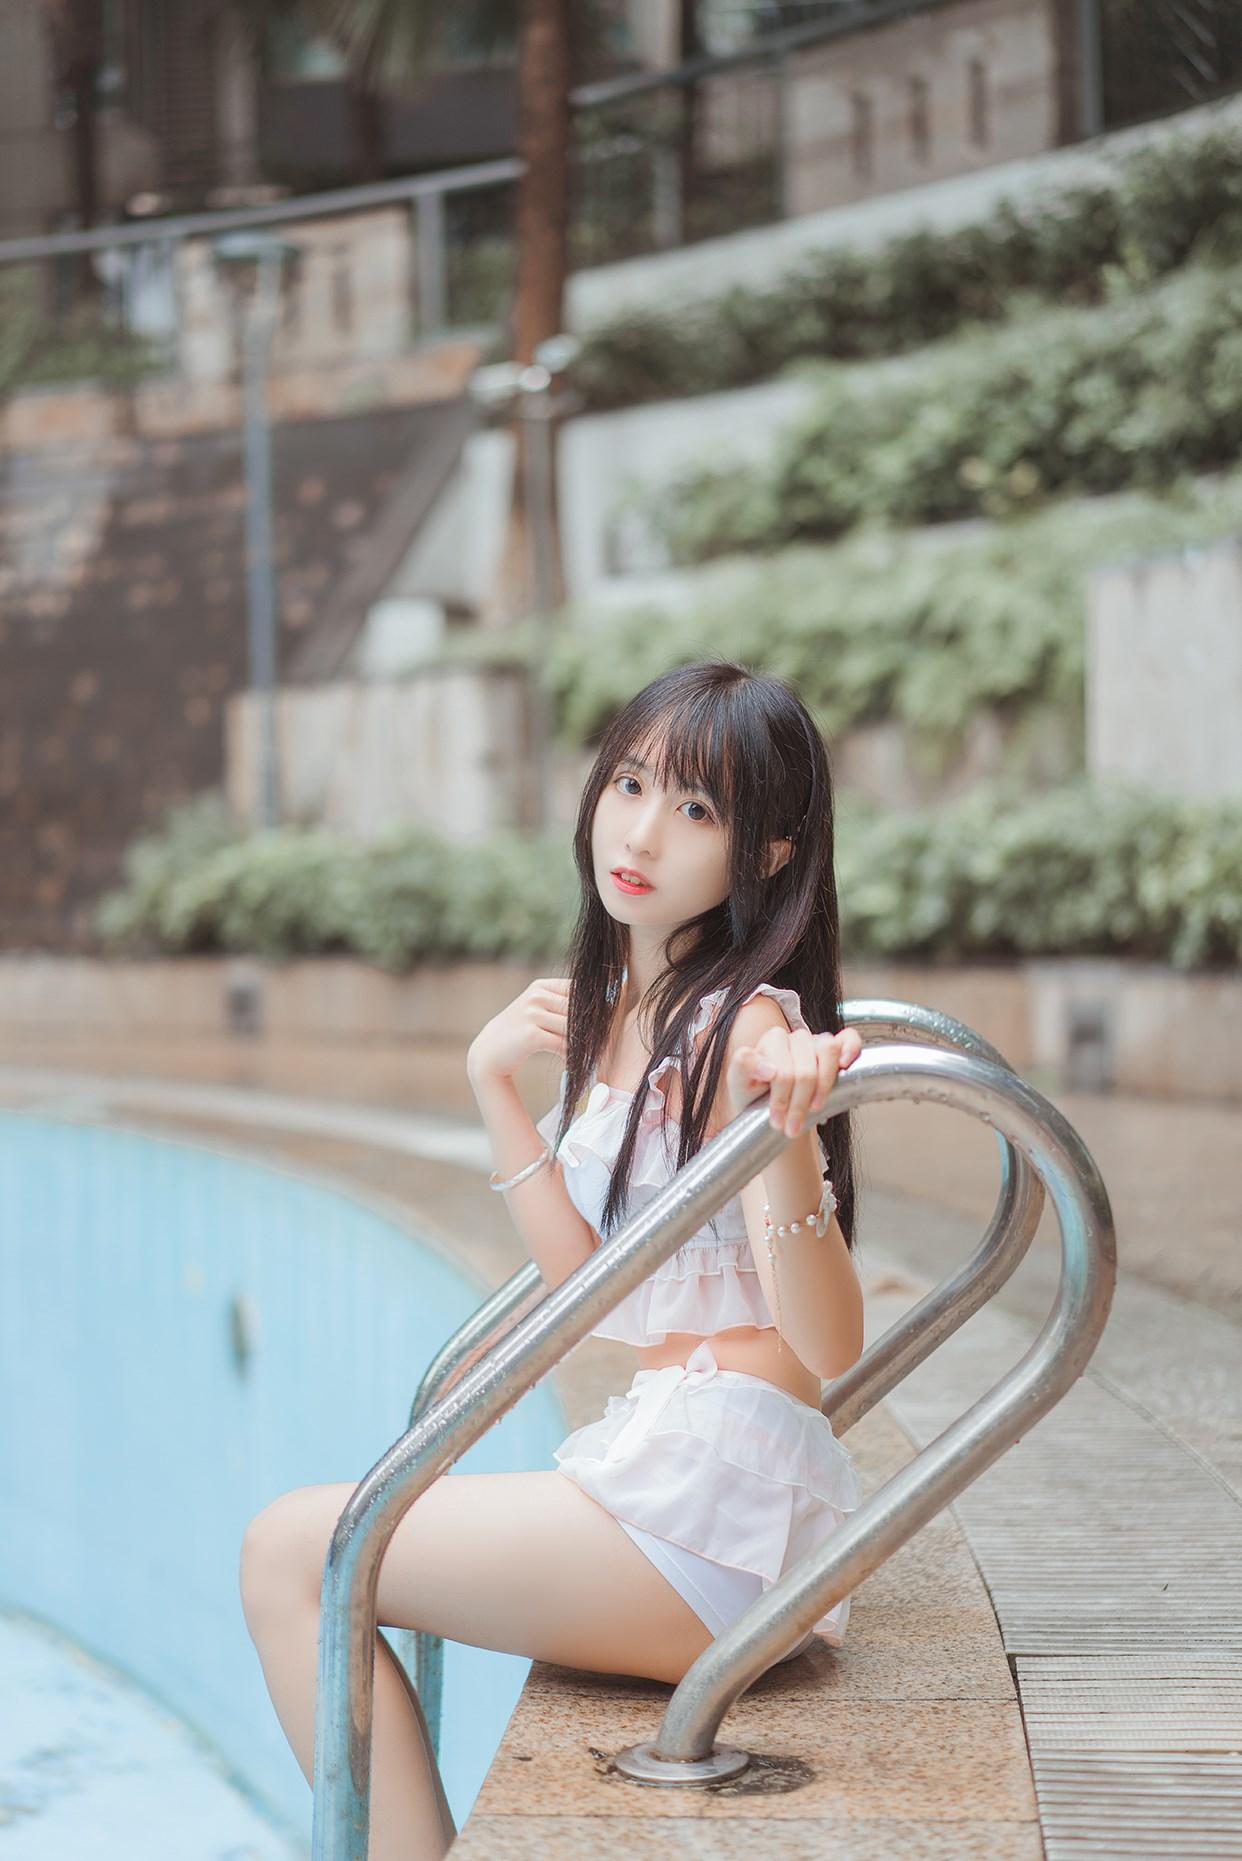 【兔玩映画】vol.13-小可爱 兔玩映画 第17张